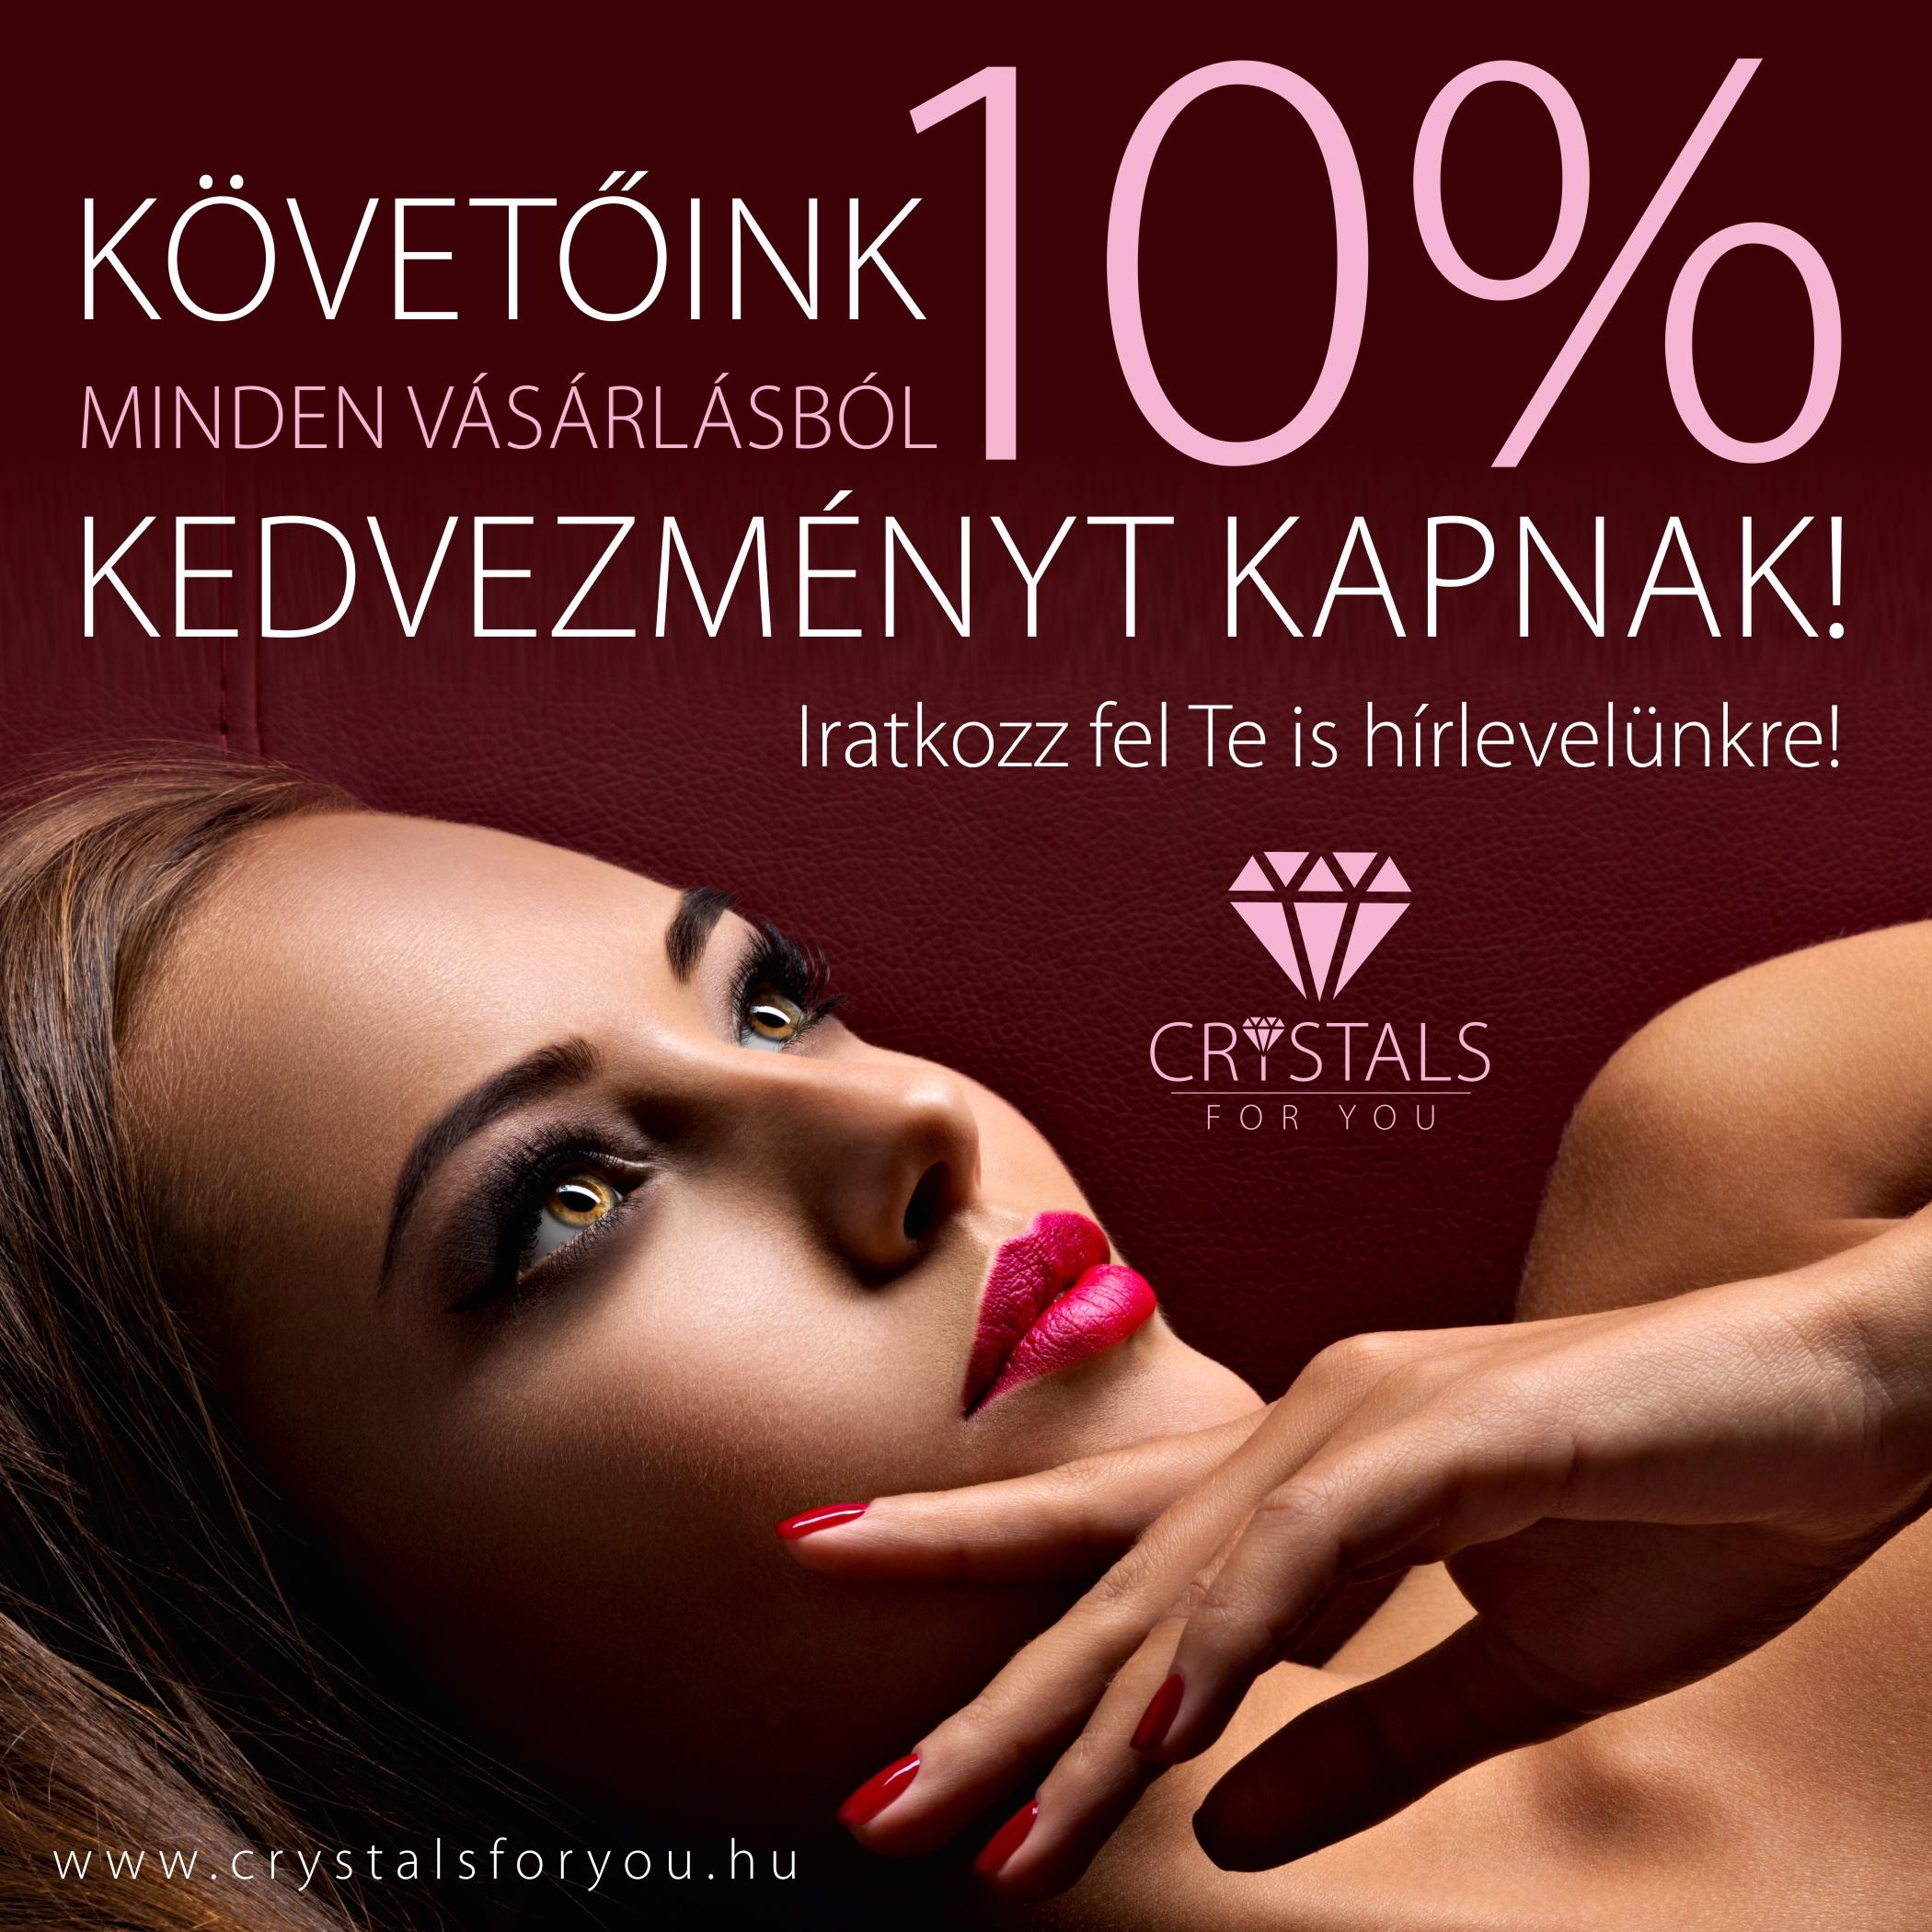 10% KEDVEZMÉNY ÖRÖKRE!